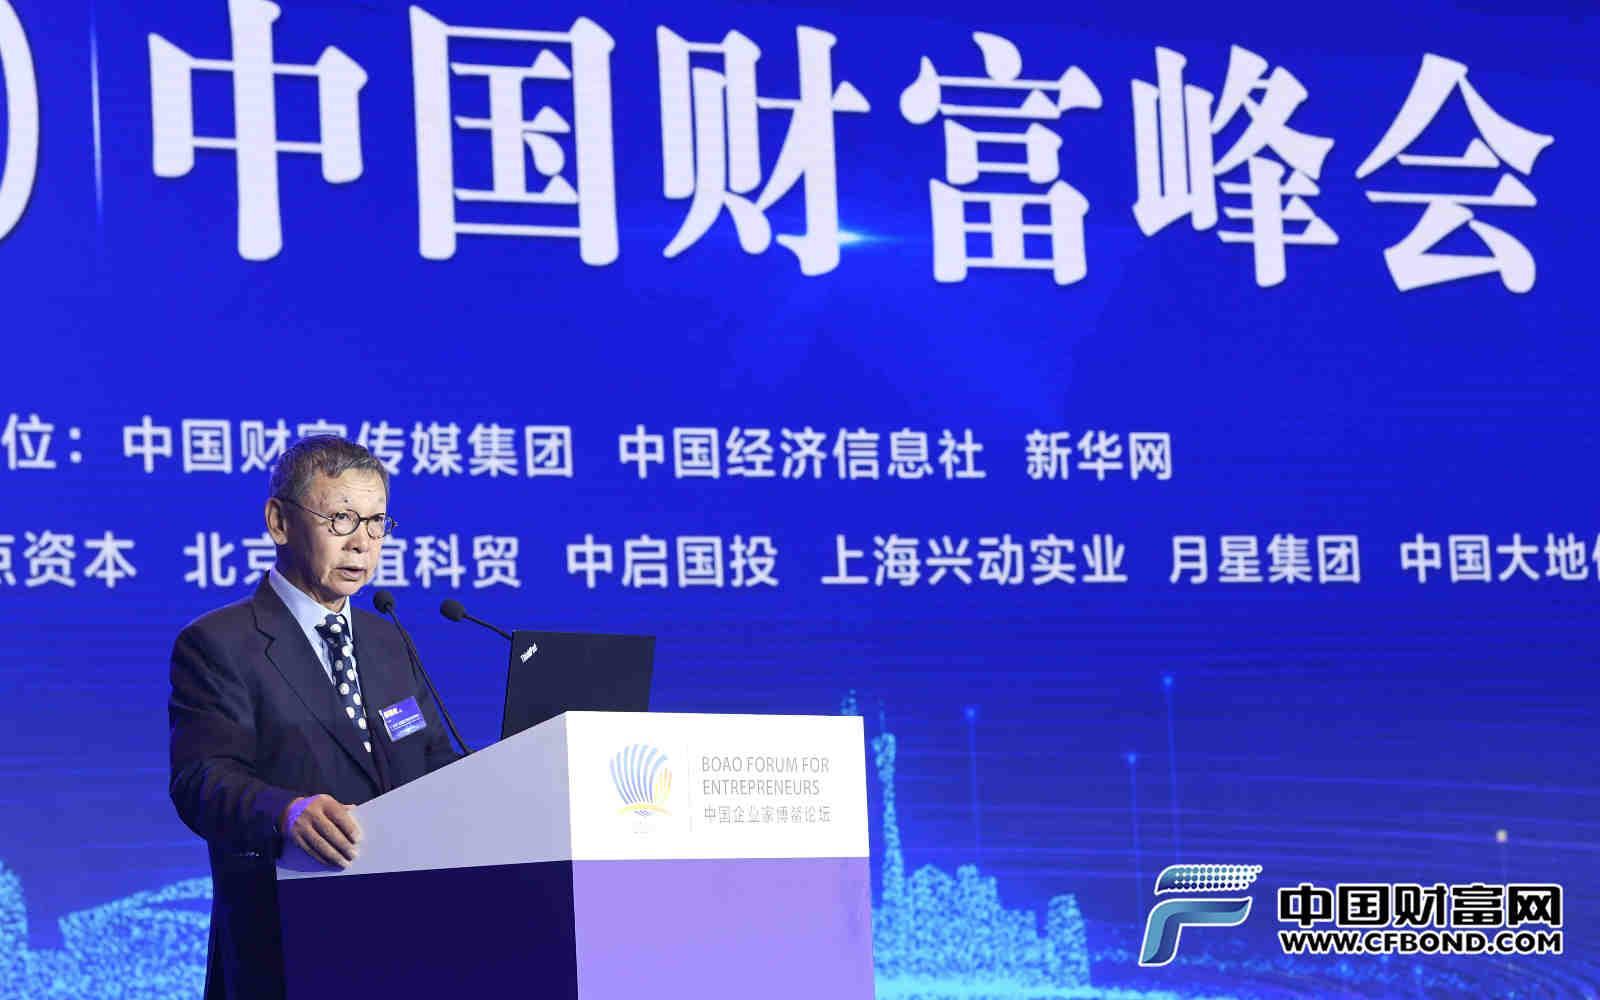 蔡鄂生:科技成果的转化 资本的作用至关重要